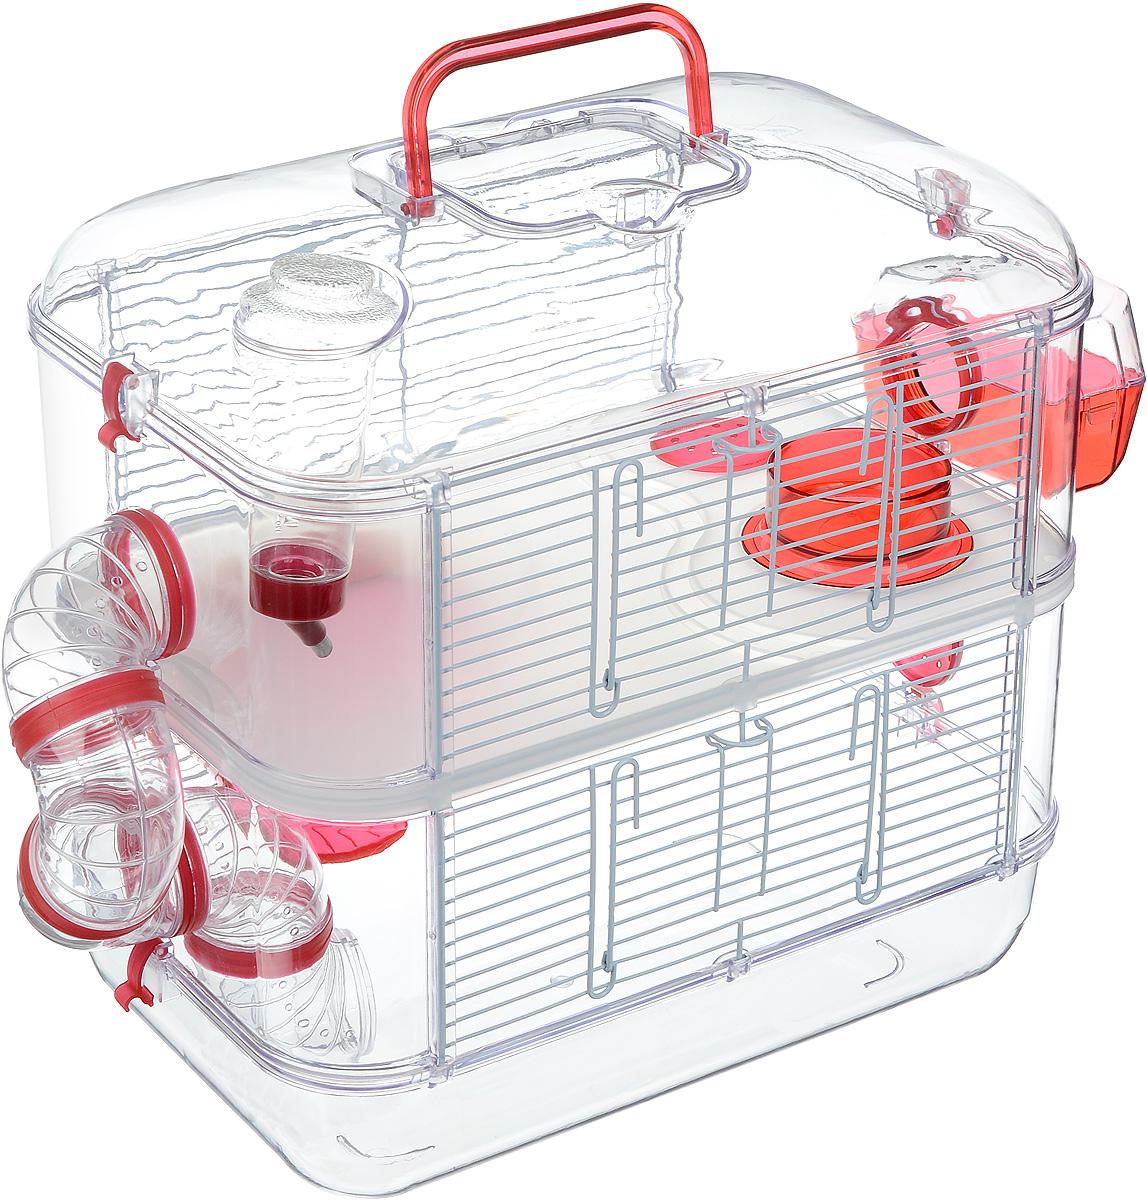 Клетка для грызунов Zolux Rody Duo, 2-ярусная, цвет: прозрачный, вишневый, 40 х 26 х 40 см3336022058444 / 205844Просторная клетка для грызунов Zolux Rody Duo будет служить домом и одновременно местом для экстремальных развлечений. В комплект входят бутылочка 170 мл, 1 колесо, 1 кормушка, 1 открытое гнездо, 2 плоских пробок, 5 согнутых труб, 7 соединителей. Также имеется инструкция по сборке на русском языке. Такая клетка станет уединенным личным пространством и уютным домиком для маленького грызуна.